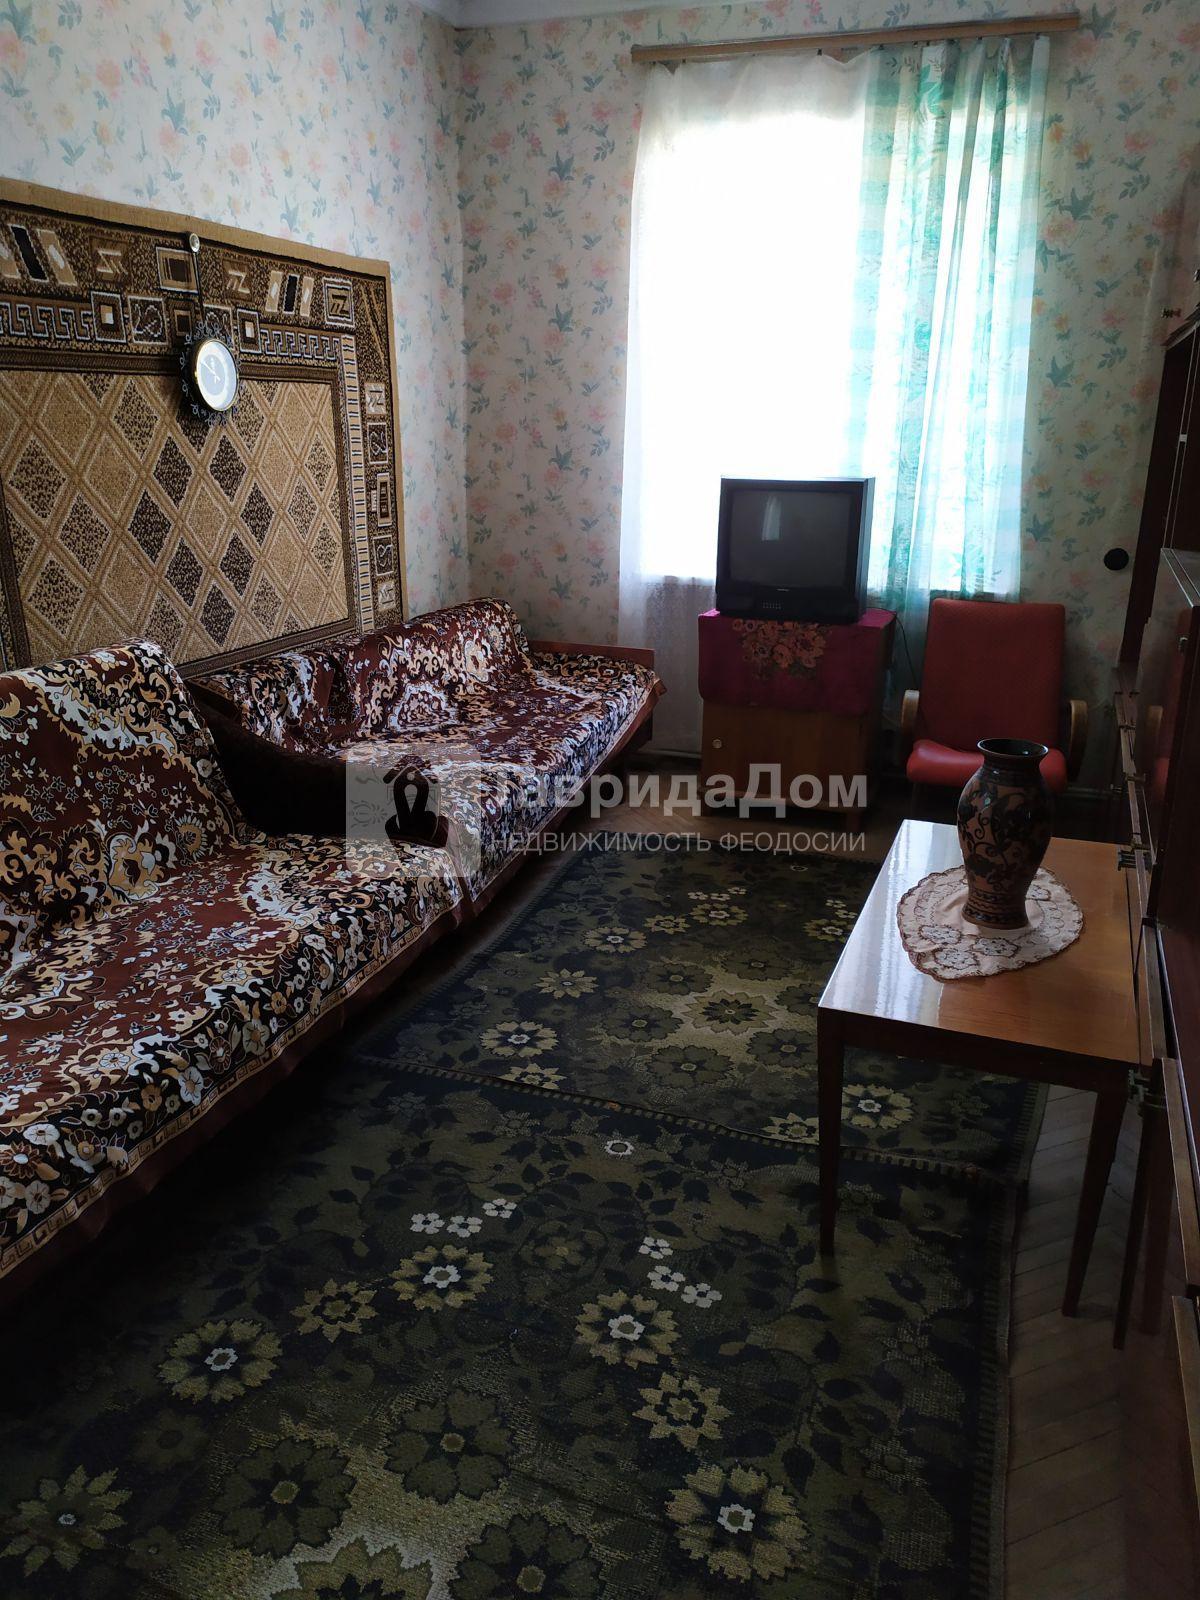 Комната в аренду по адресу Россия, Крым Респ, Феодосия, Вересаева ул, 6